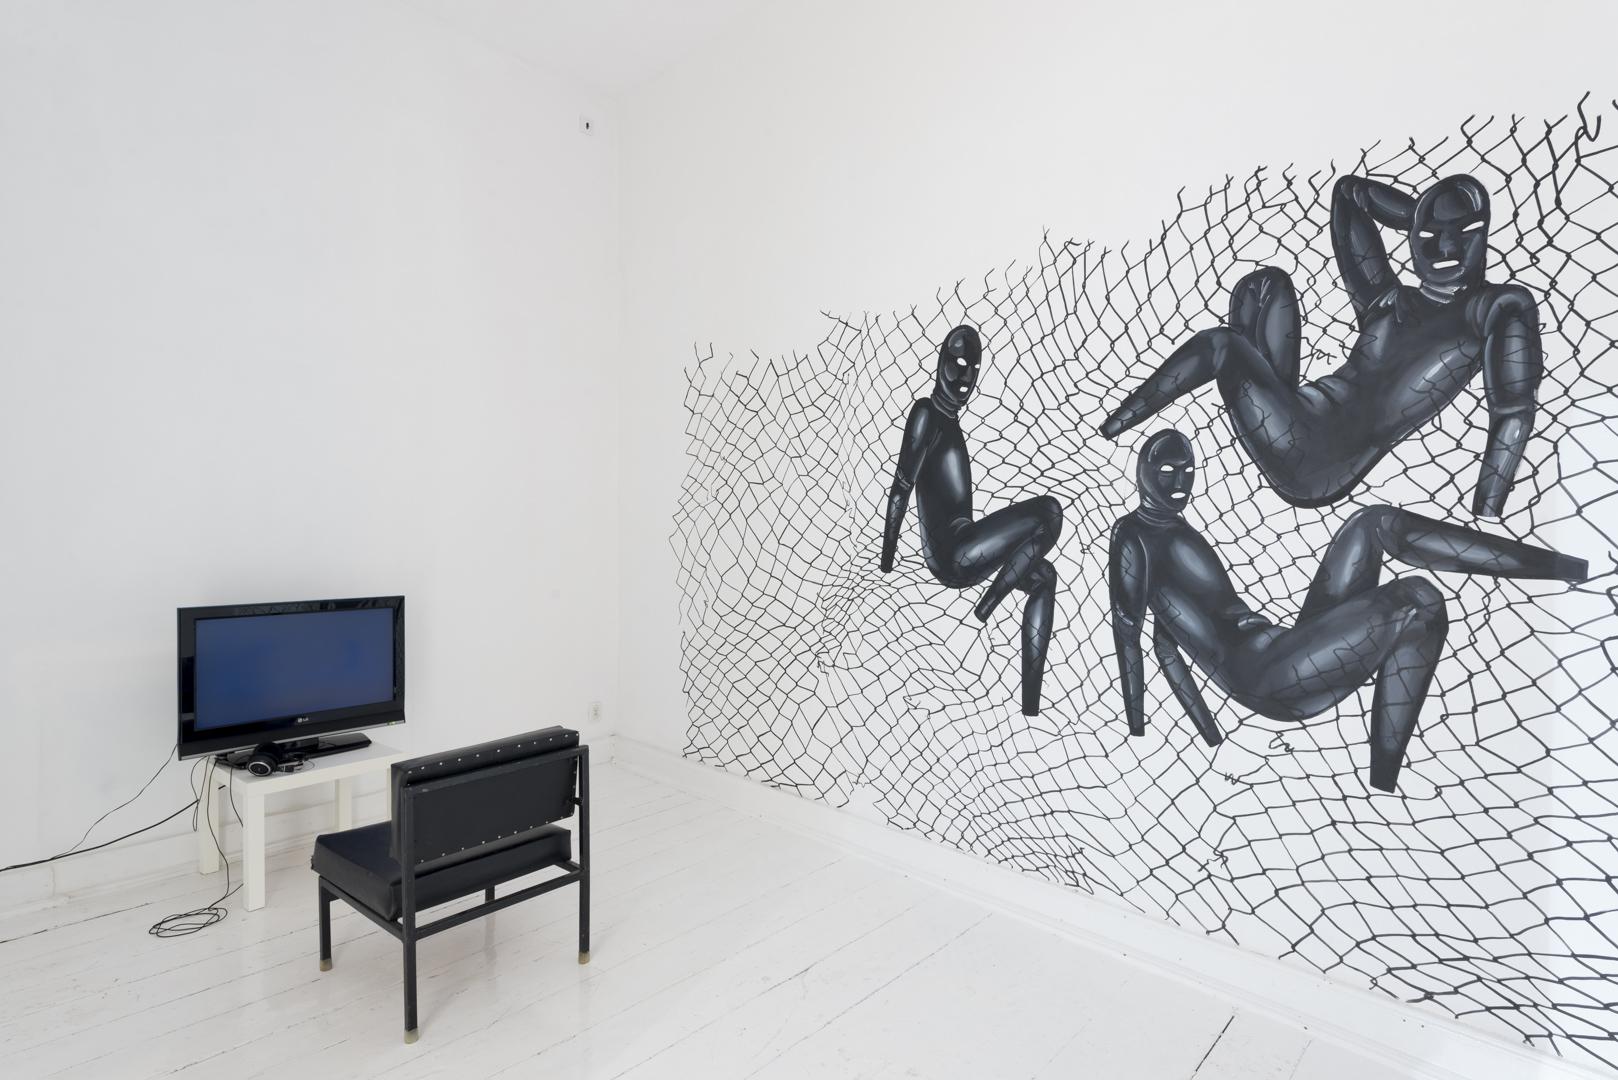 Mikołaj Tkacz, Niby nic, 2015, instalacja wideo, dźwięk orazPaweł Olszczyński, Siatka, 2015, mural, akryl, 180x220 cm